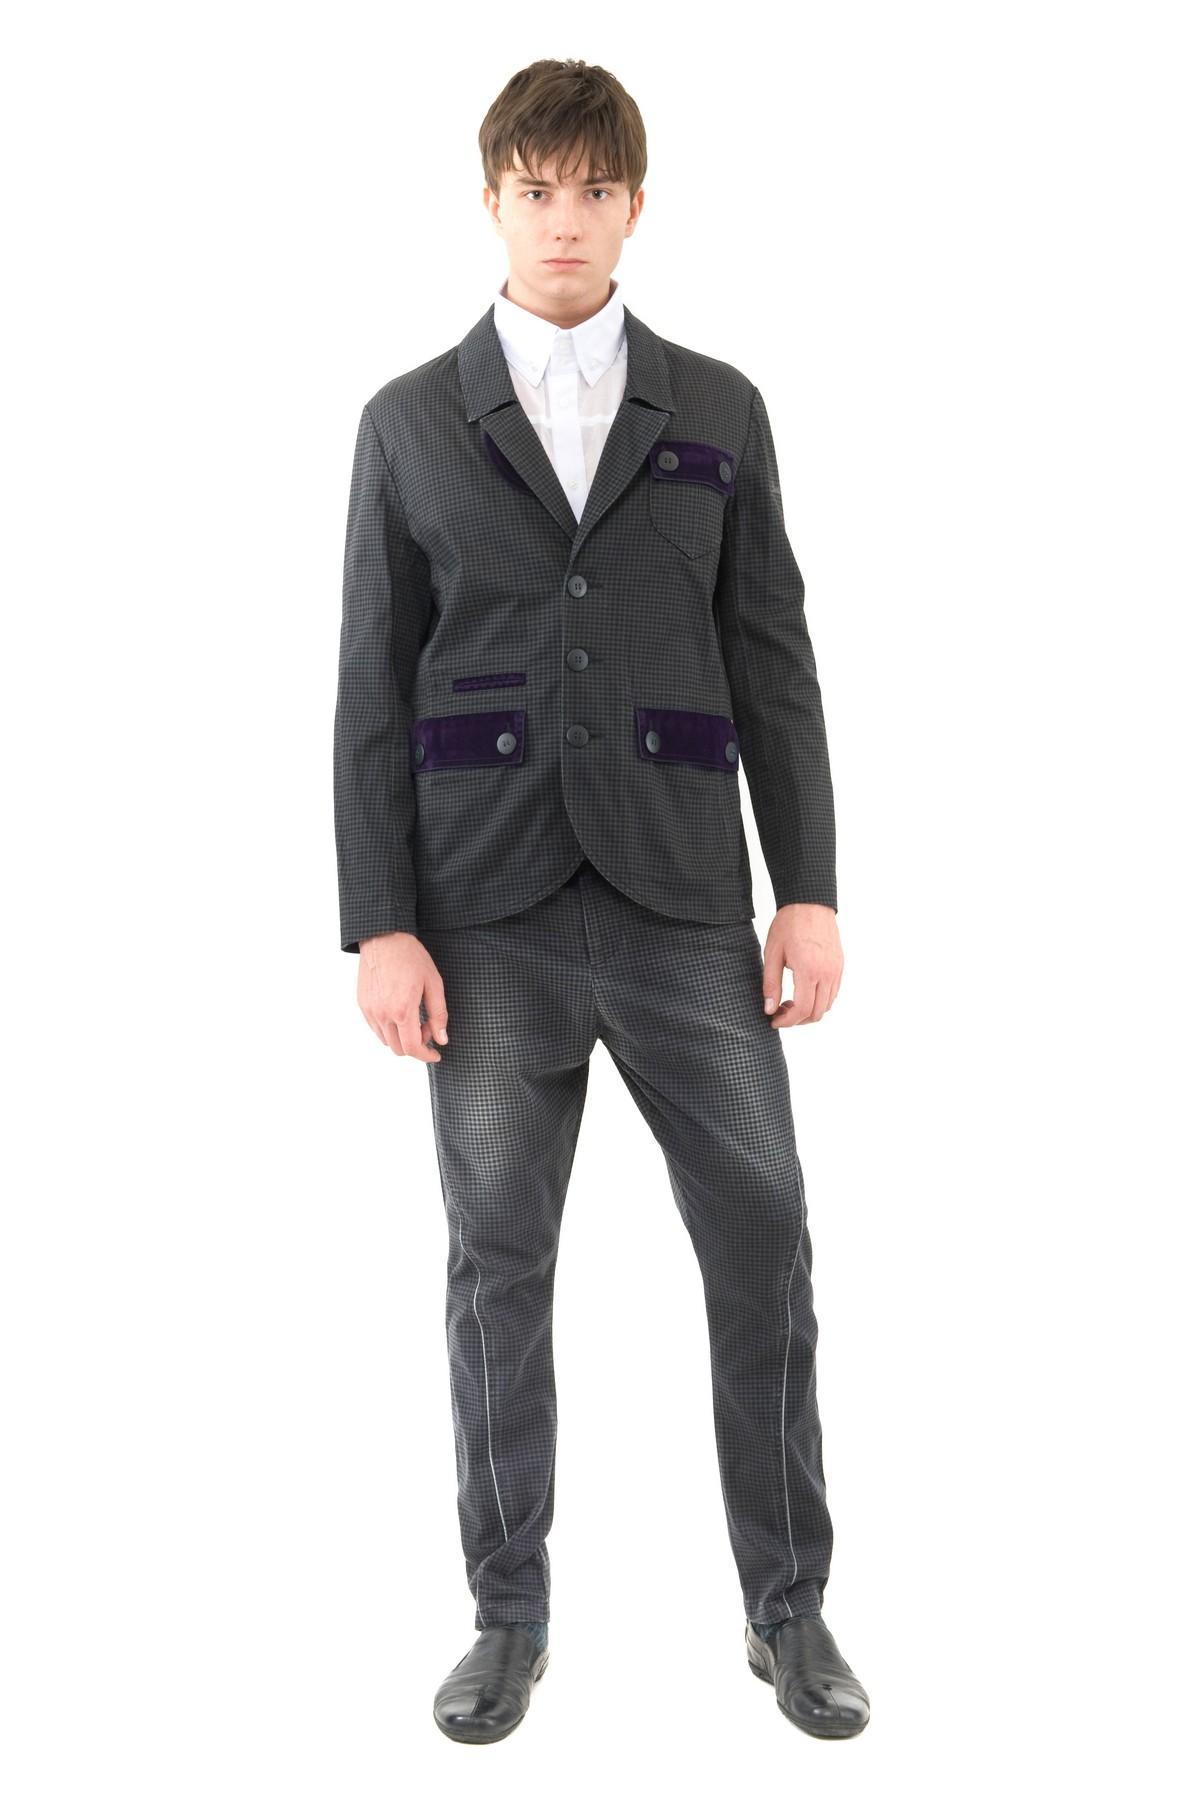 ПиджакПиджаки, жилеты<br>Стильный пиджак подчеркнет Ваш изысканный вкус. Выполнен с центральной застежкой на пуговицы. Изделие порадует Вас высоким качеством исполнения. Отличный вариант для создания стиля casual.<br><br>Цвет: черный,фиолетовый<br>Состав: 97% хлопок, 3% эластан<br>Размер: 44,46,48,50<br>Страна дизайна: Россия<br>Страна производства: Россия